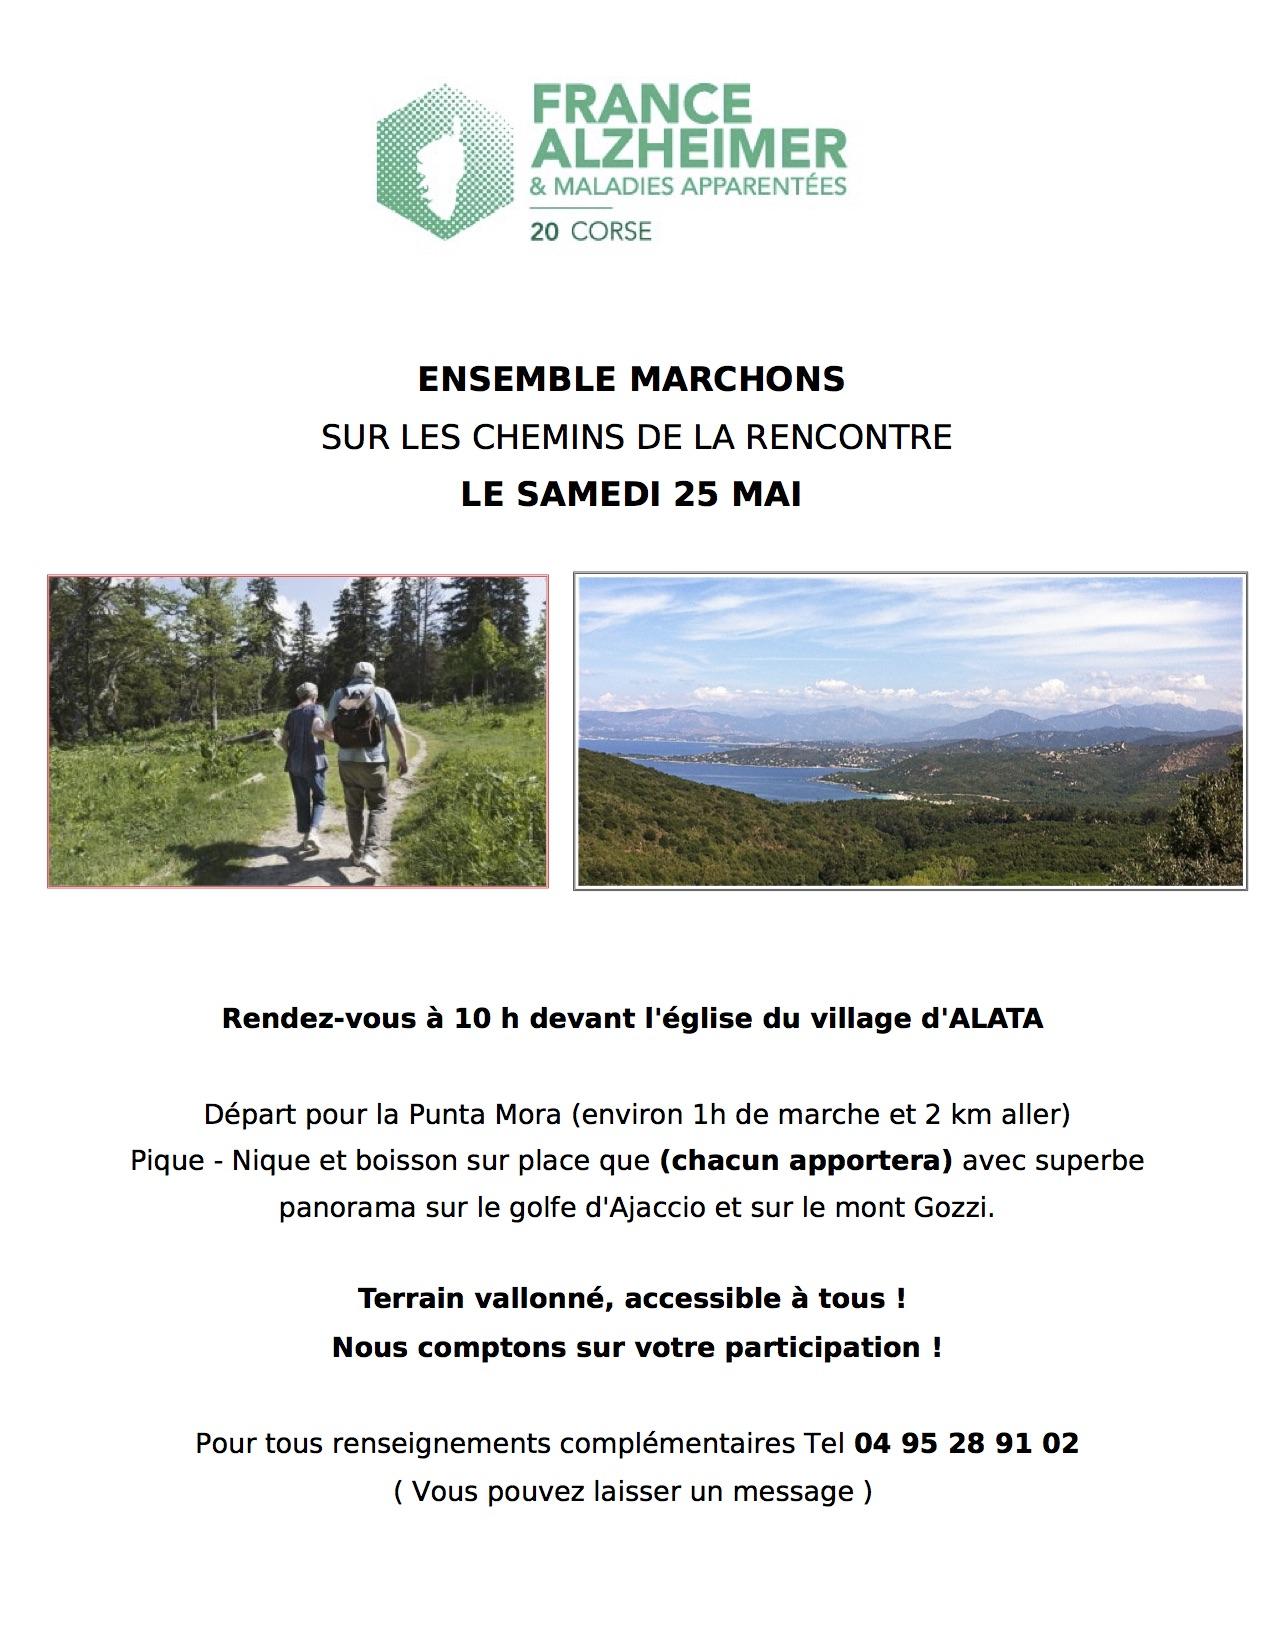 Pique-nique sur le chemin de la rencontre avec France Alzheimer Samedi 25 Mai